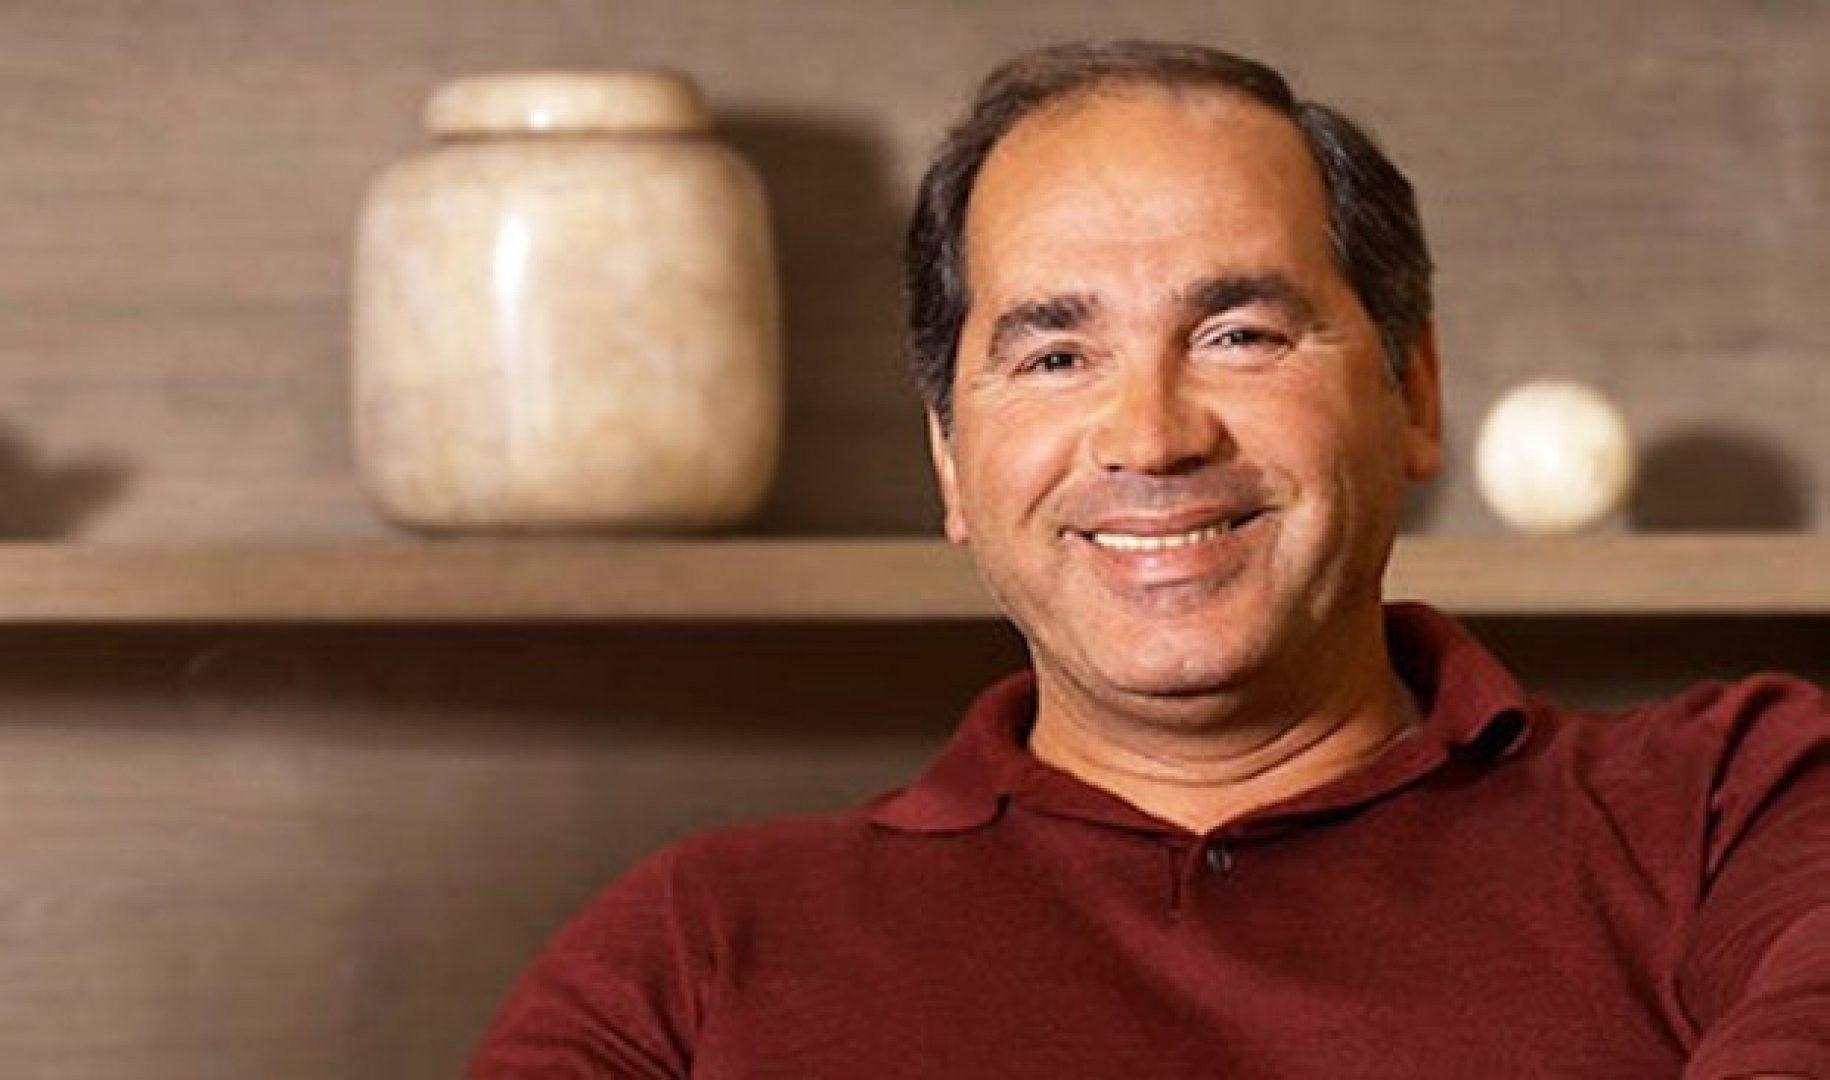 Фархад Ахмедов должен выплатить $643 млн своей бывшей жене